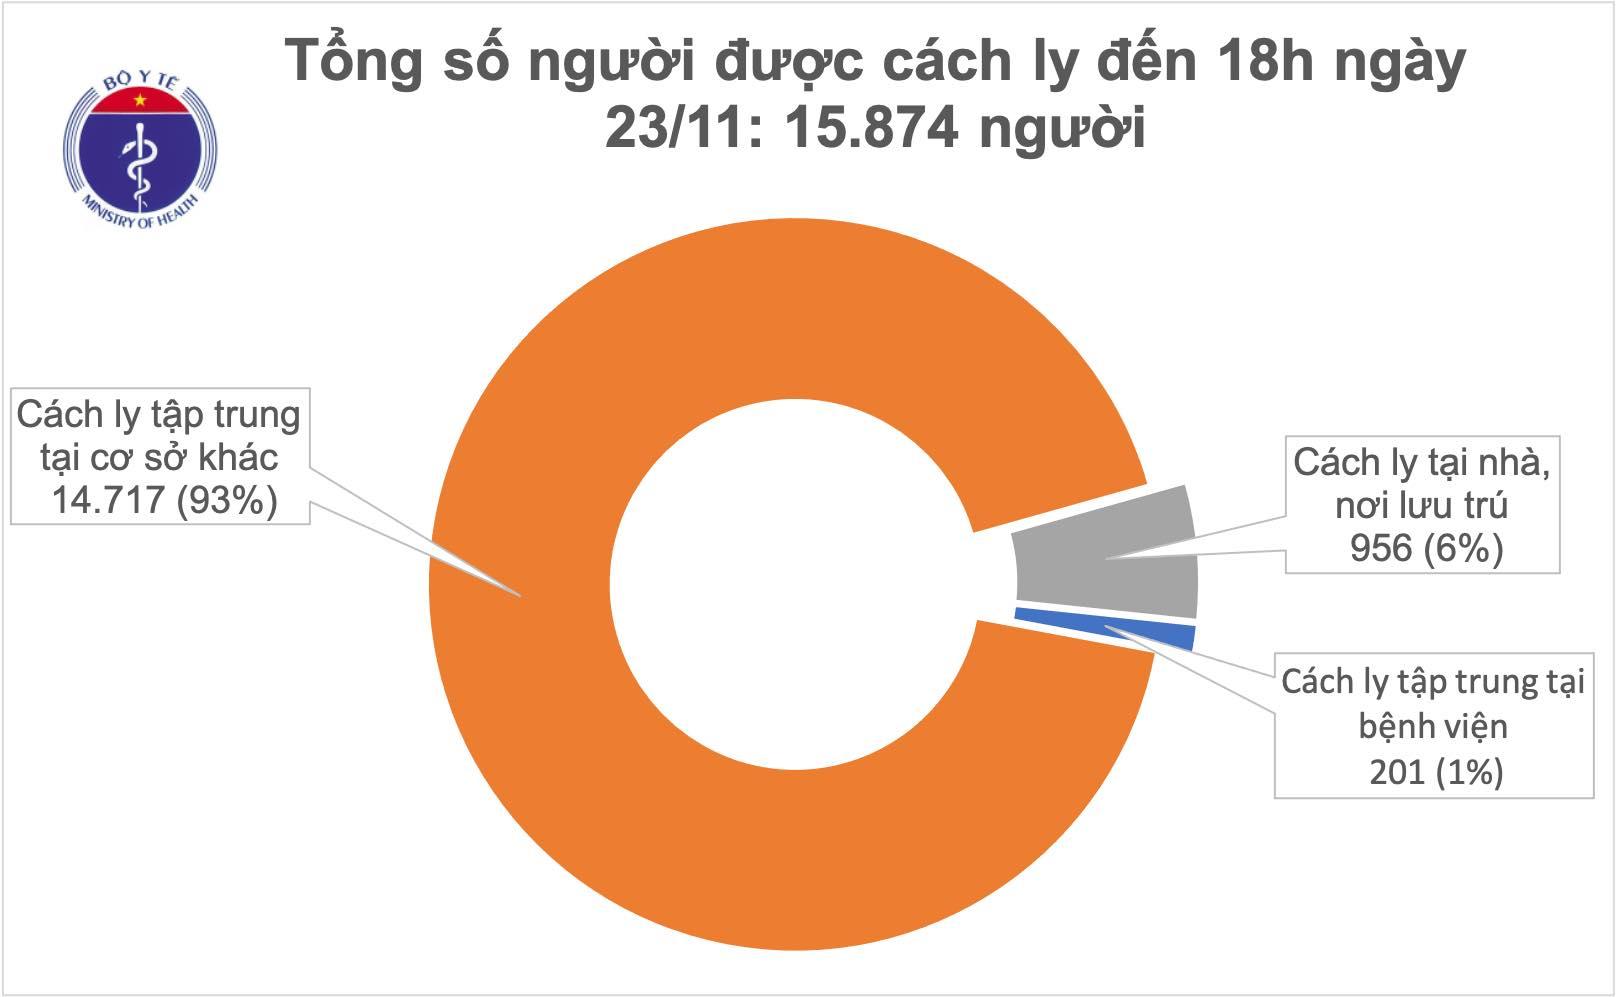 Thêm 5 ca mắc COVID-19 mới được cách ly ngay tại Hà Nội và Thành phố Hồ Chí Minh